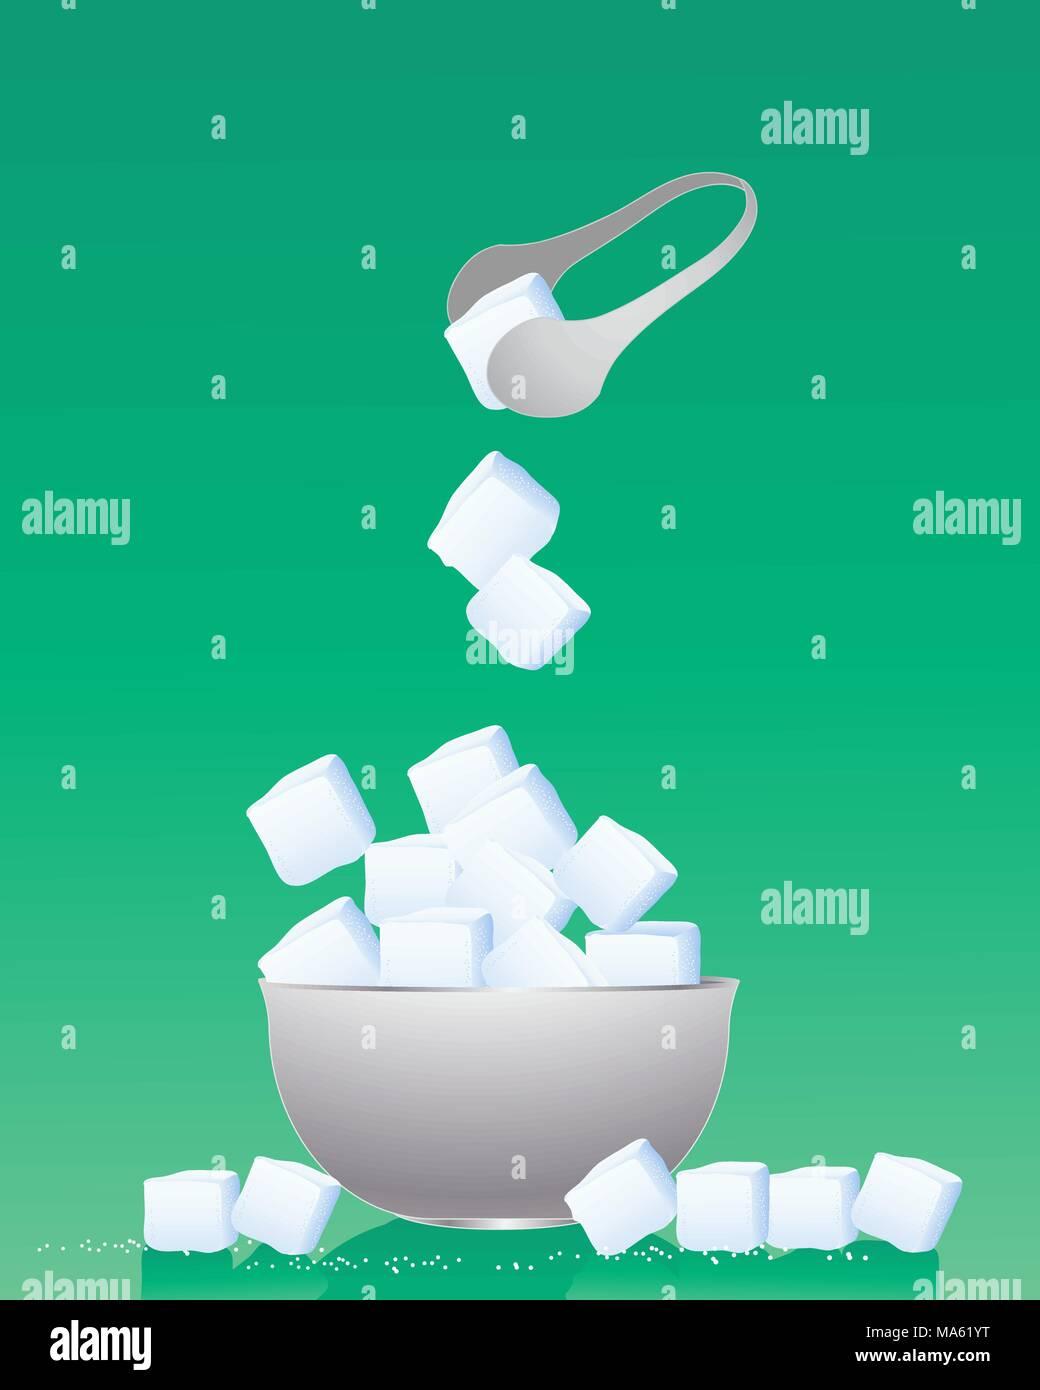 Una illustrazione vettoriale in formato eps formato 10 di una ciotola di cubetti di zucchero con pinze in metallo e granuli su uno sfondo verde Immagini Stock